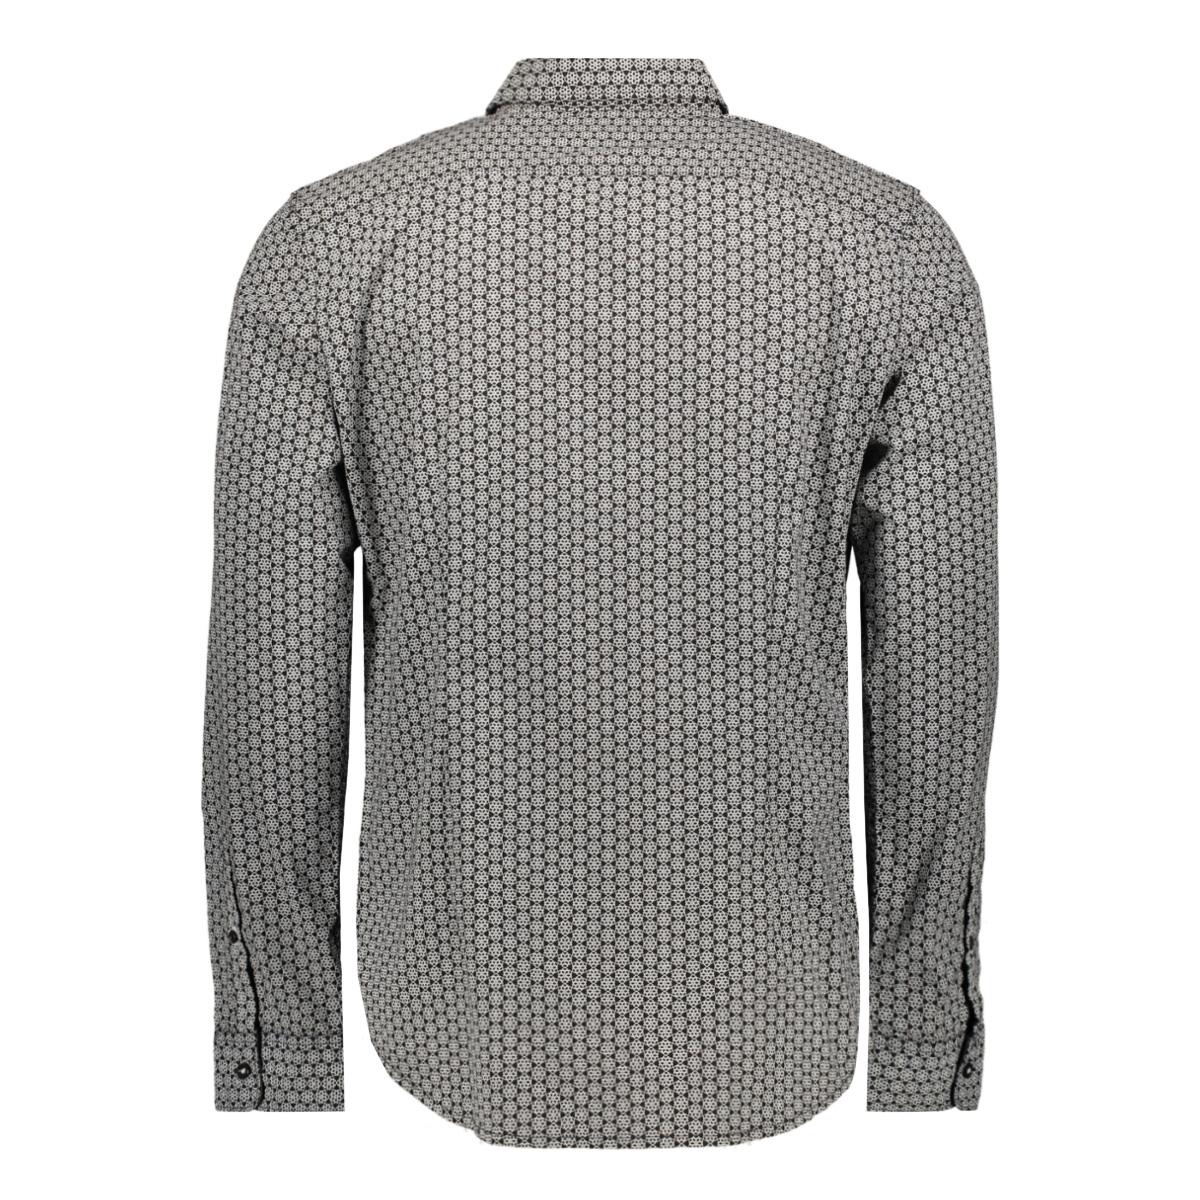 overhemd met all over print 1015314xx10 tom tailor overhemd 20750